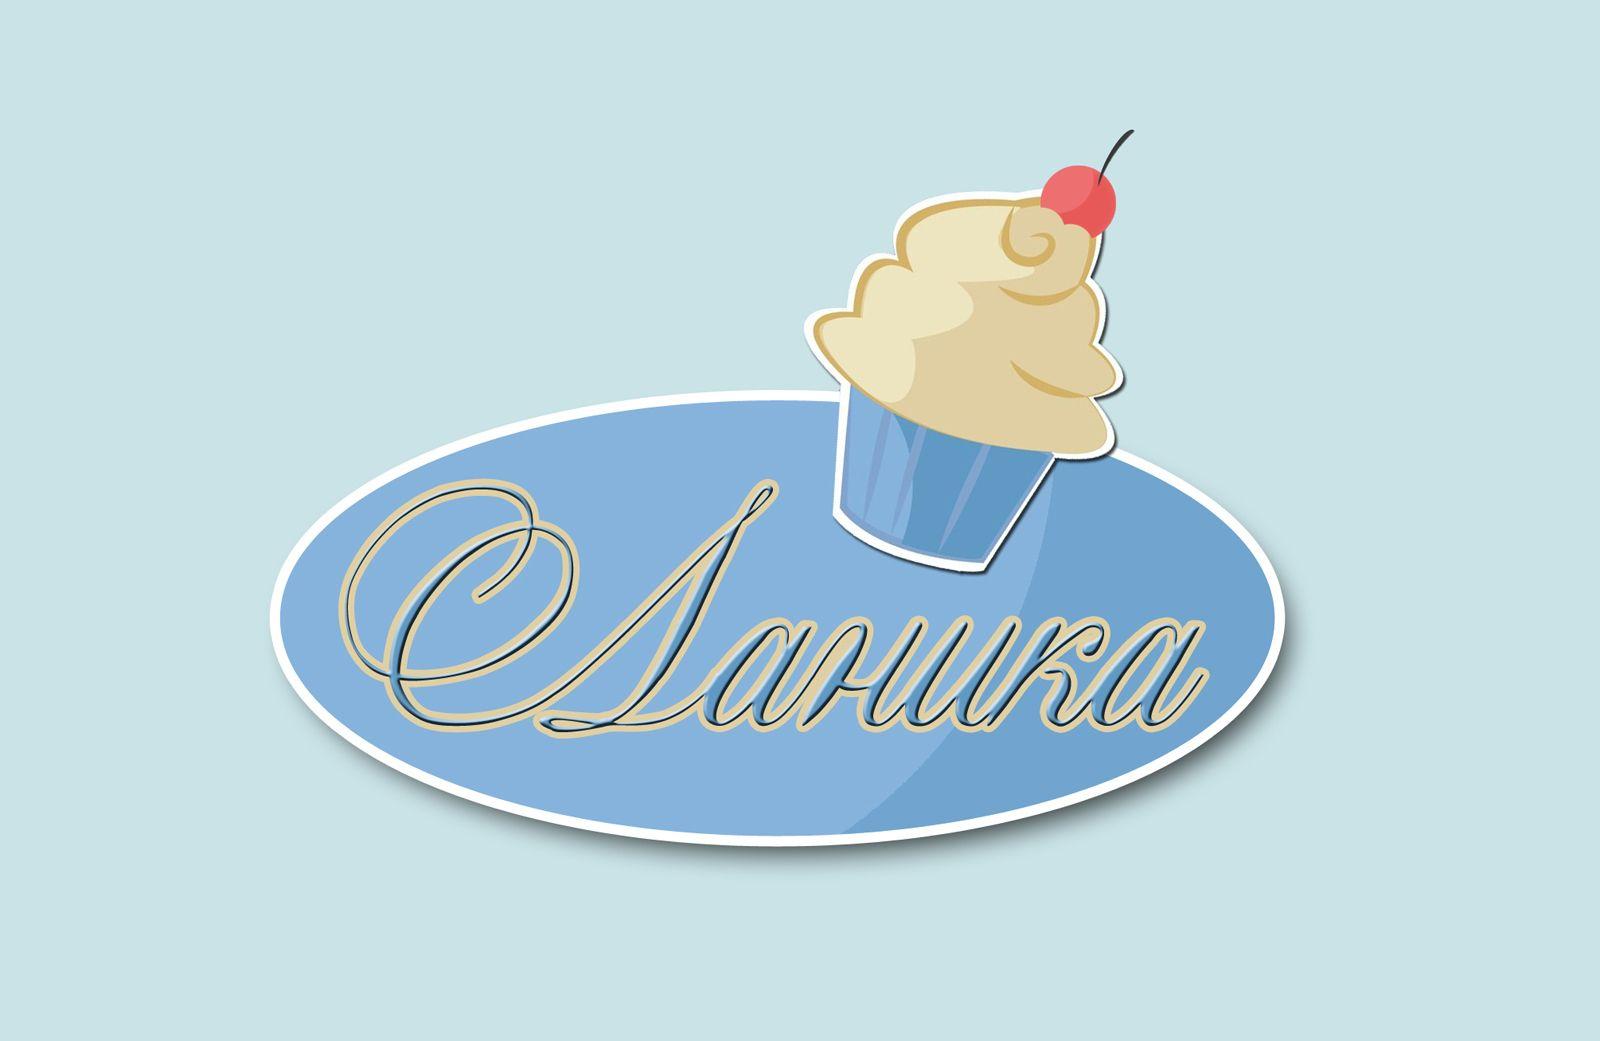 Лого ИМ тортов,пирожных и печенья ручной работы - дизайнер TwinSpleen